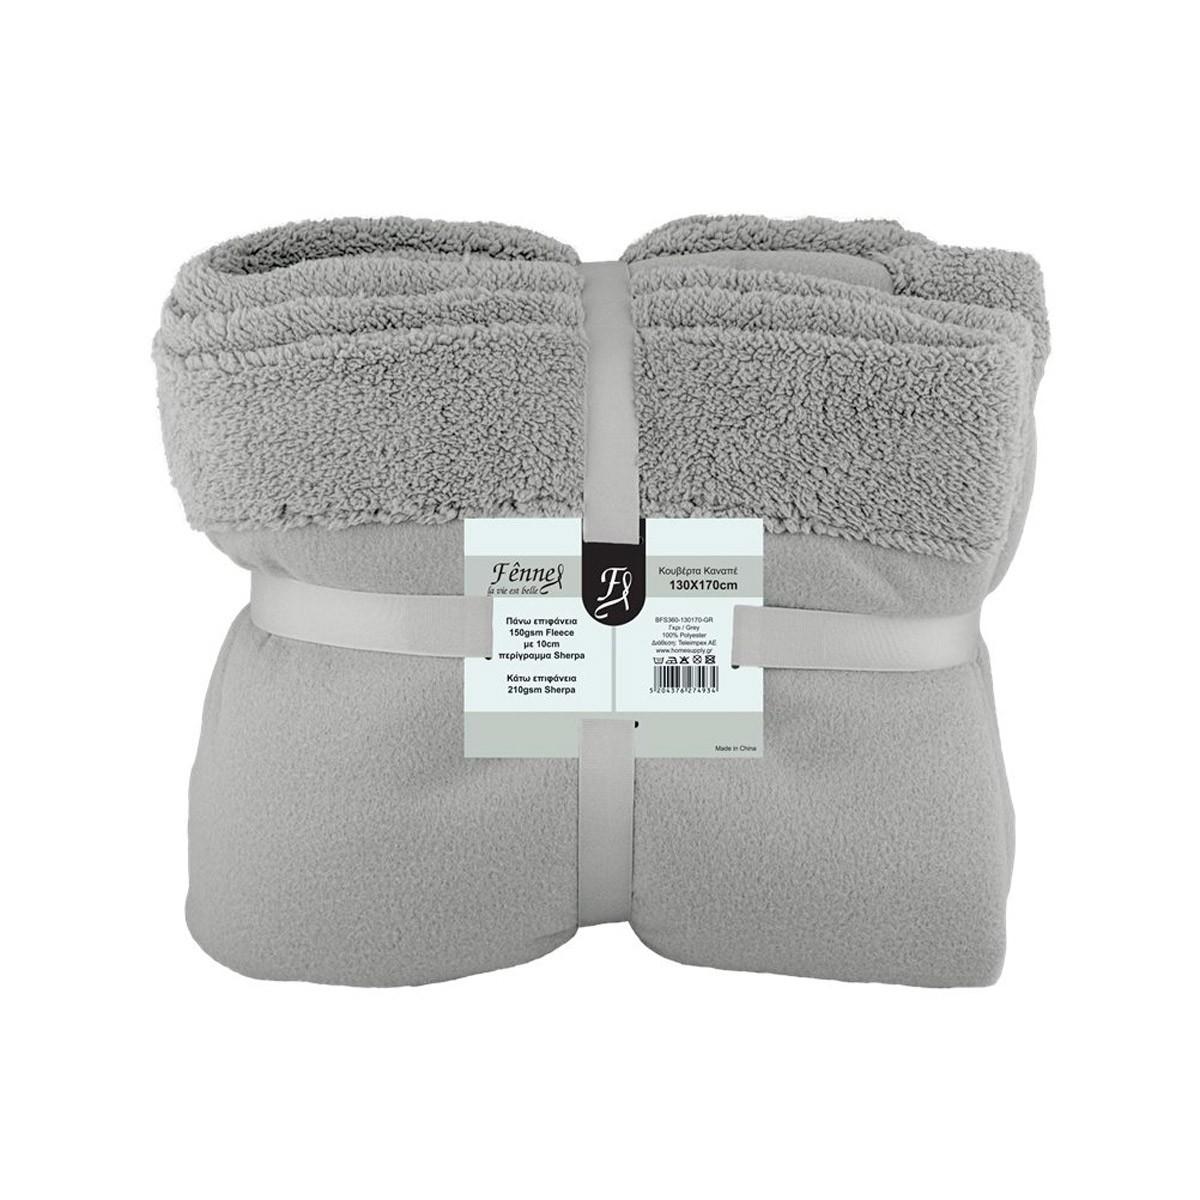 Κουβέρτα Καναπέ Fennel BFS360 Grey 85444